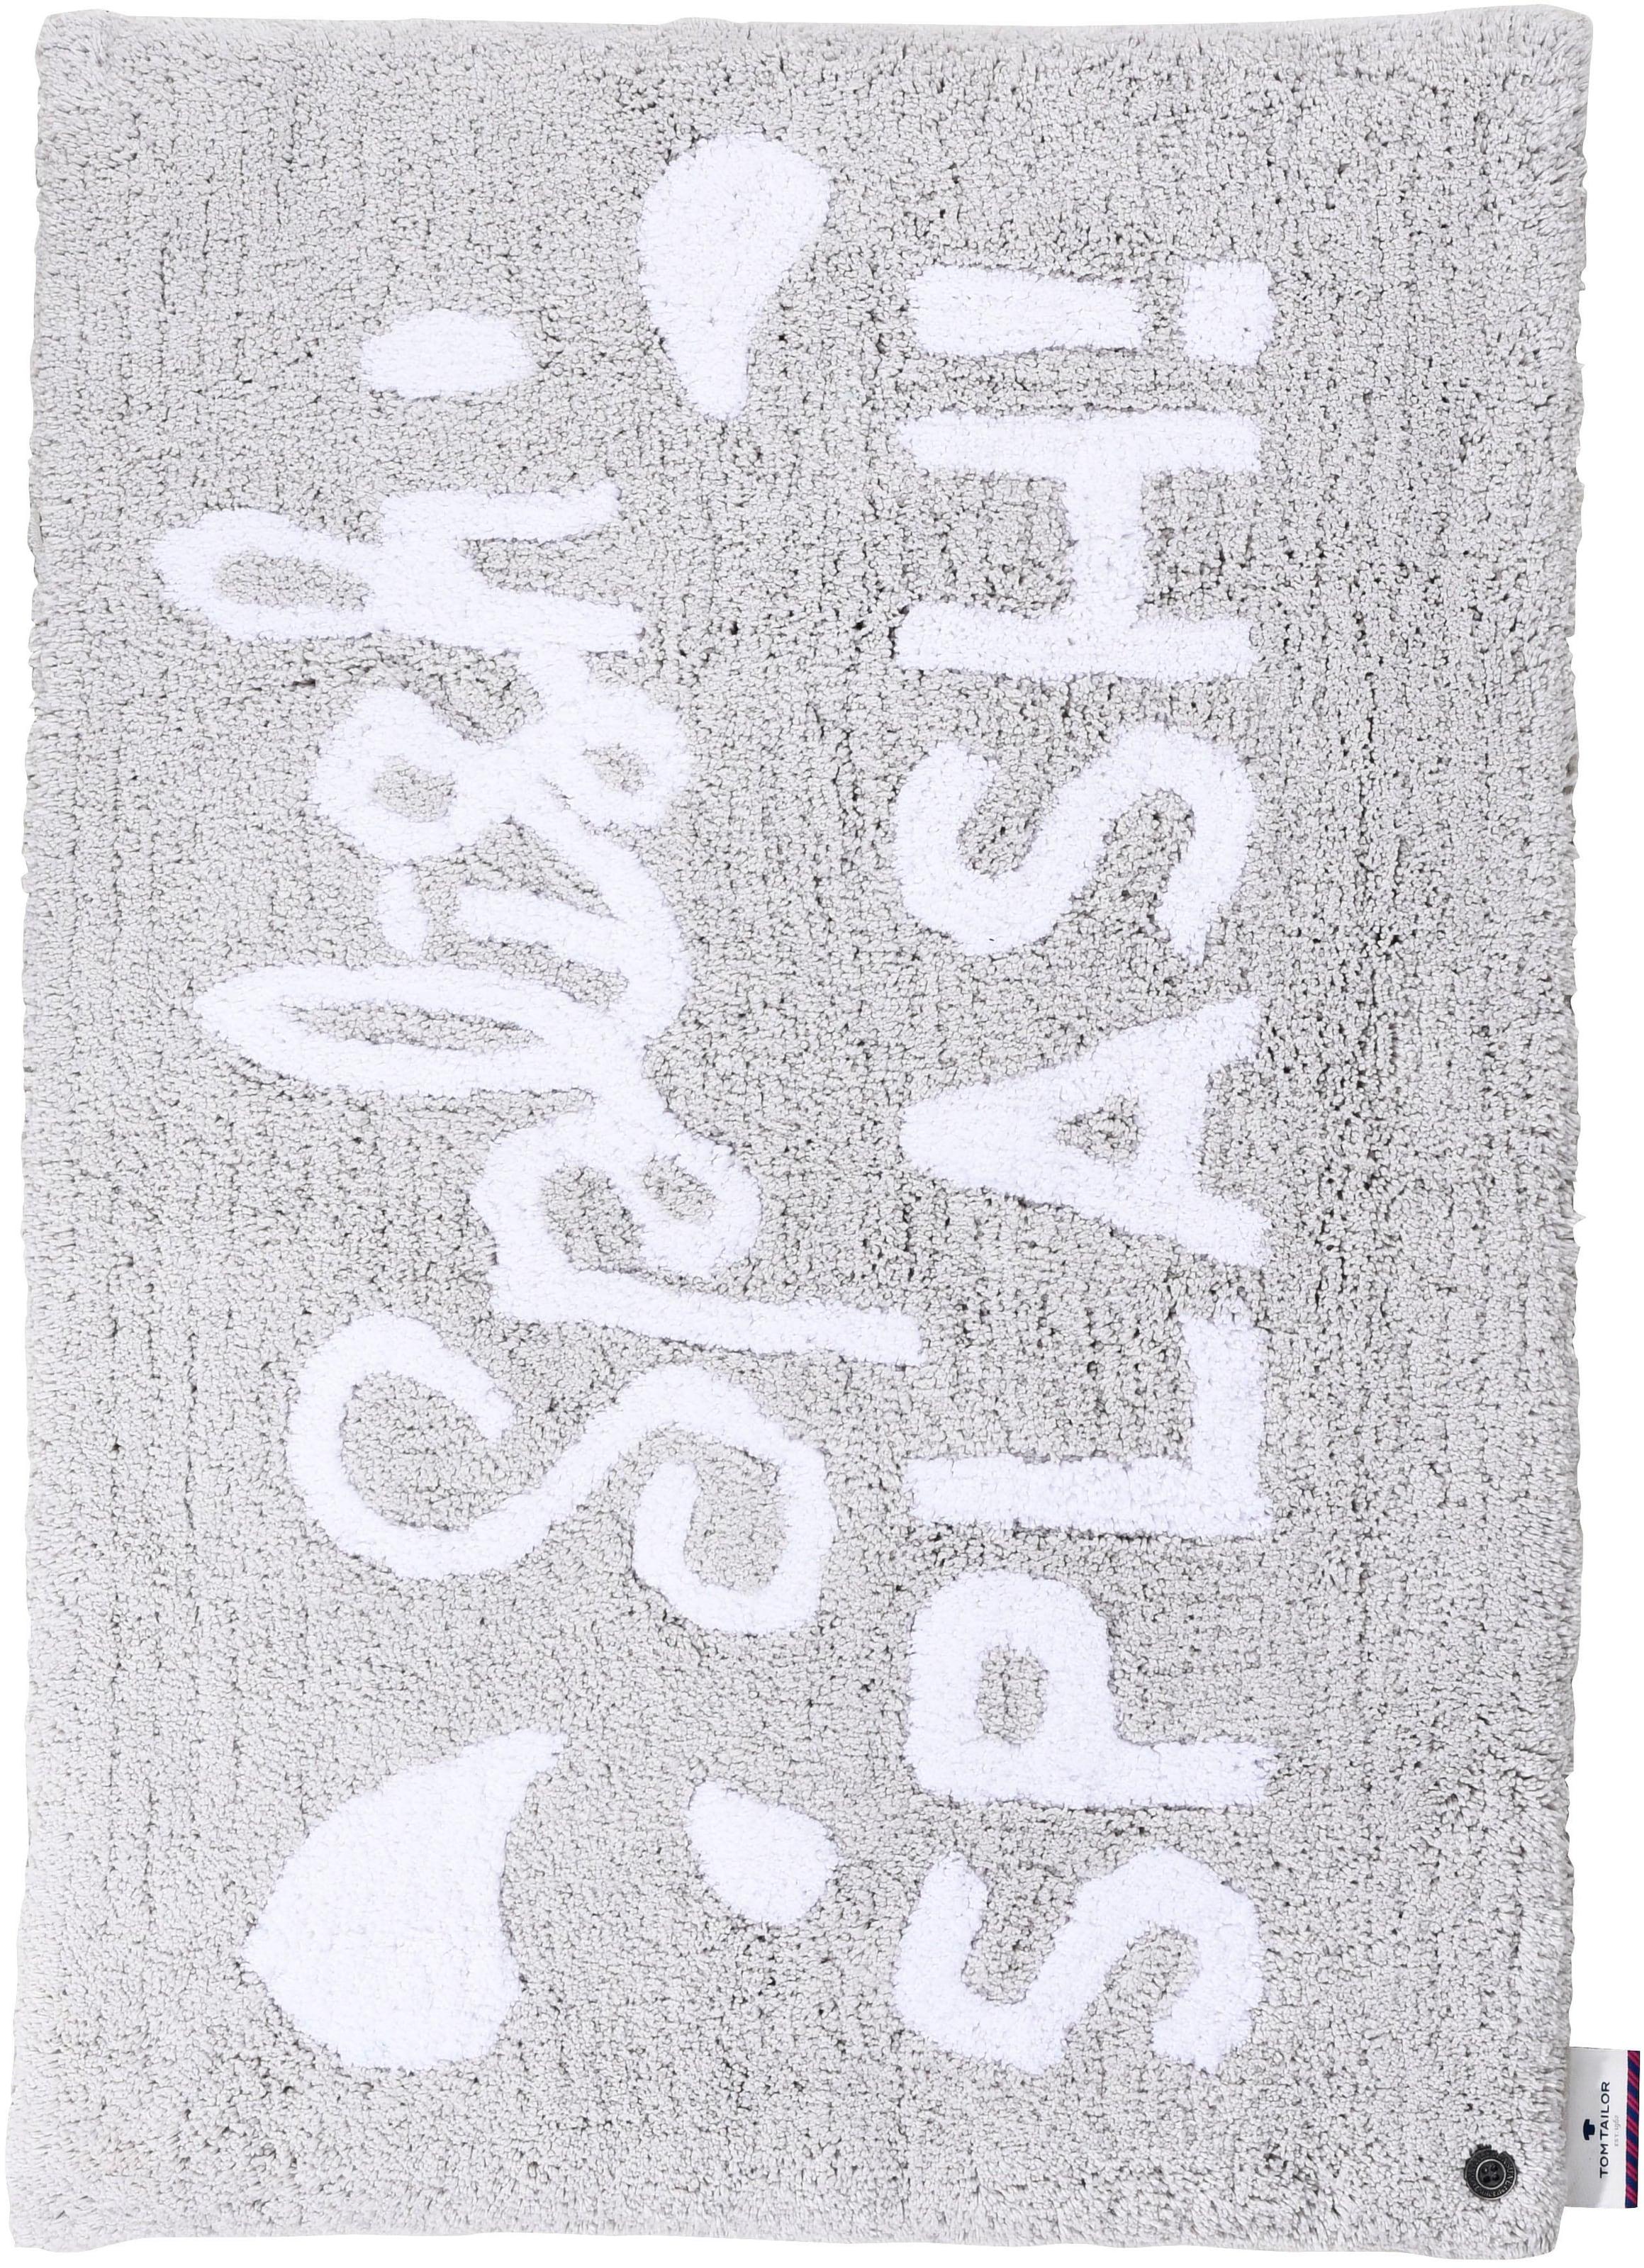 Image of Badematte »Cotton Splash«, TOM TAILOR, Höhe 20 mm, fussbodenheizungsgeeignet